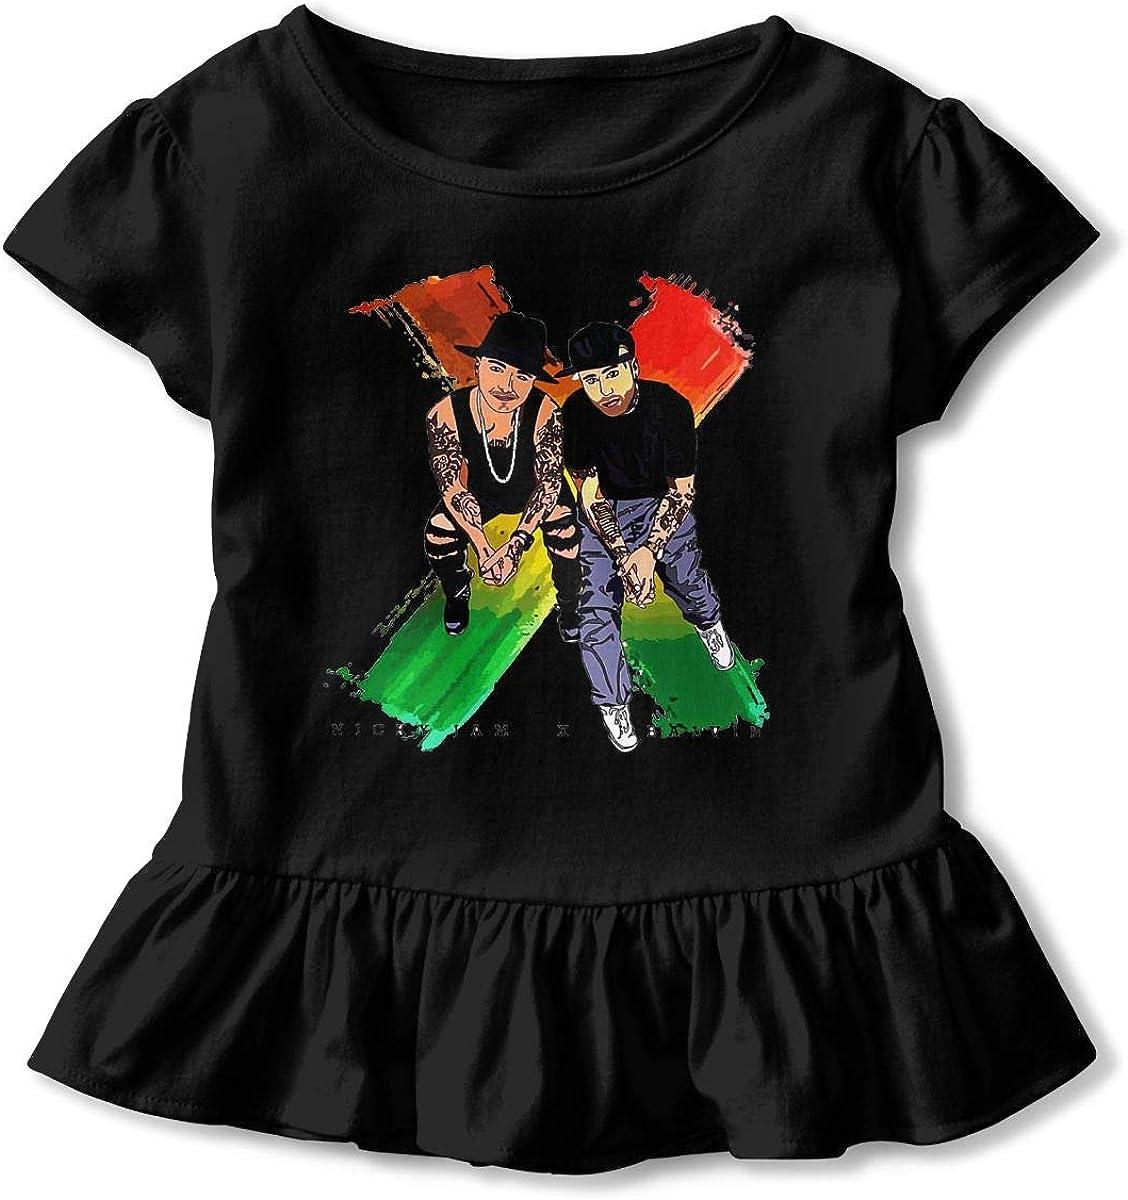 Nicky Jam X J-Balvin Camiseta de Manga Corta para niña,niño ...